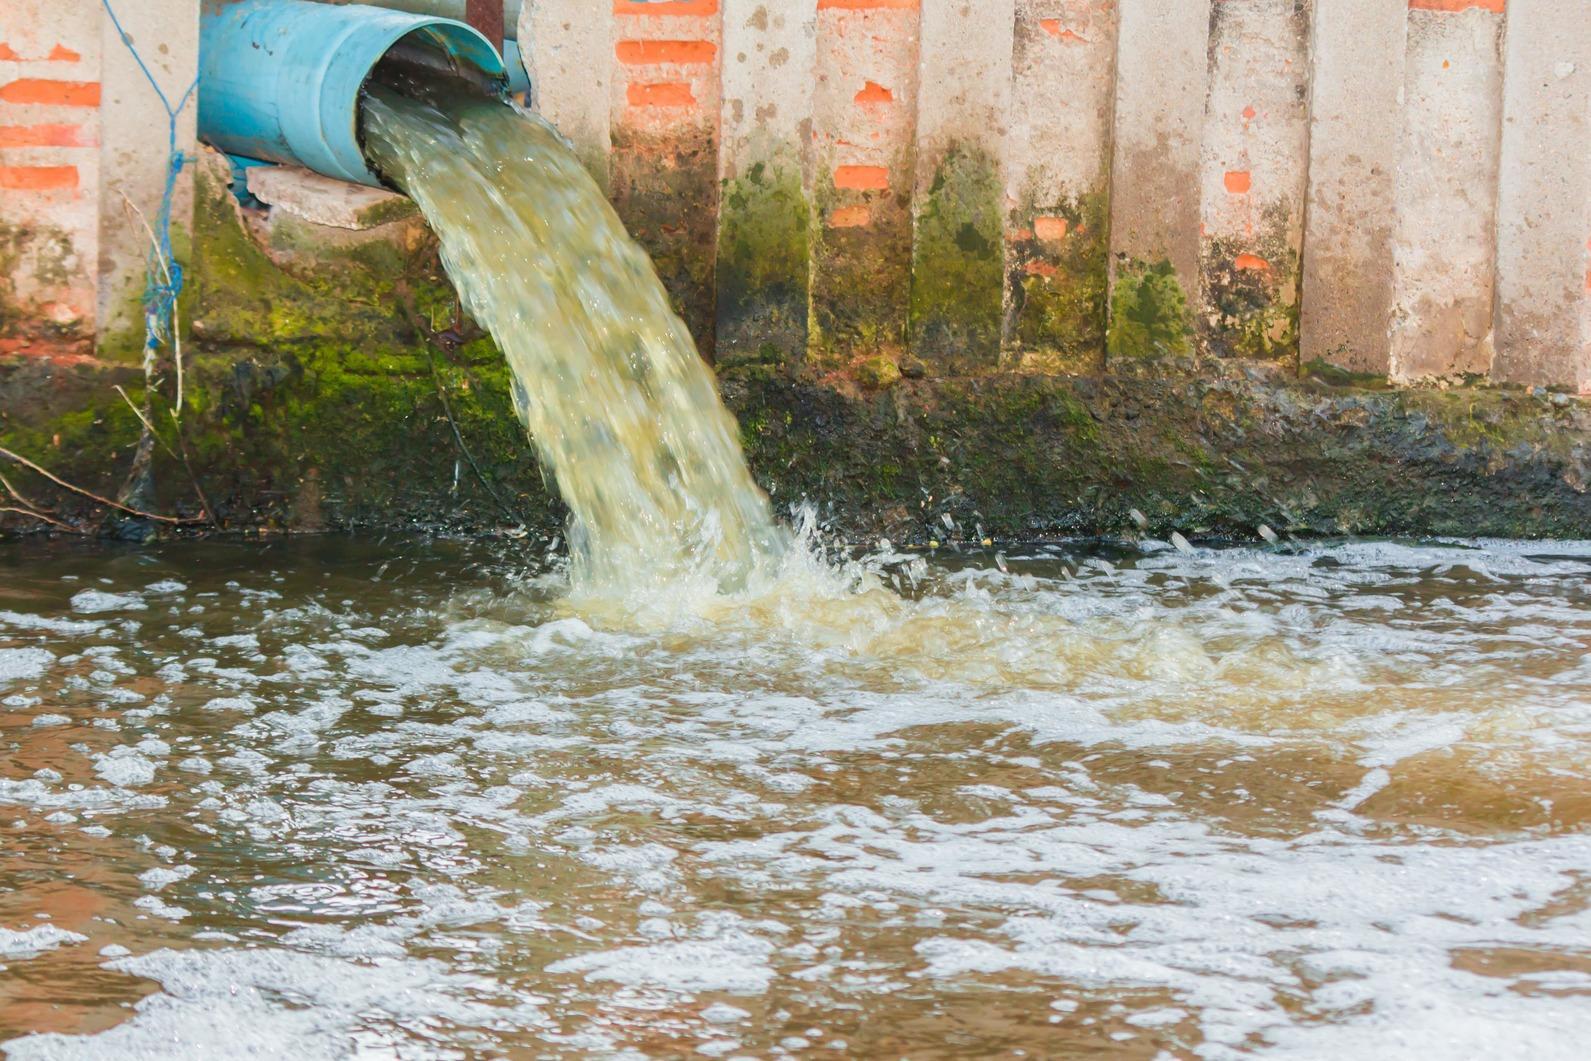 Saviez-vous qu'il y a 62 000 surverses d'eaux usées au Québec par année?